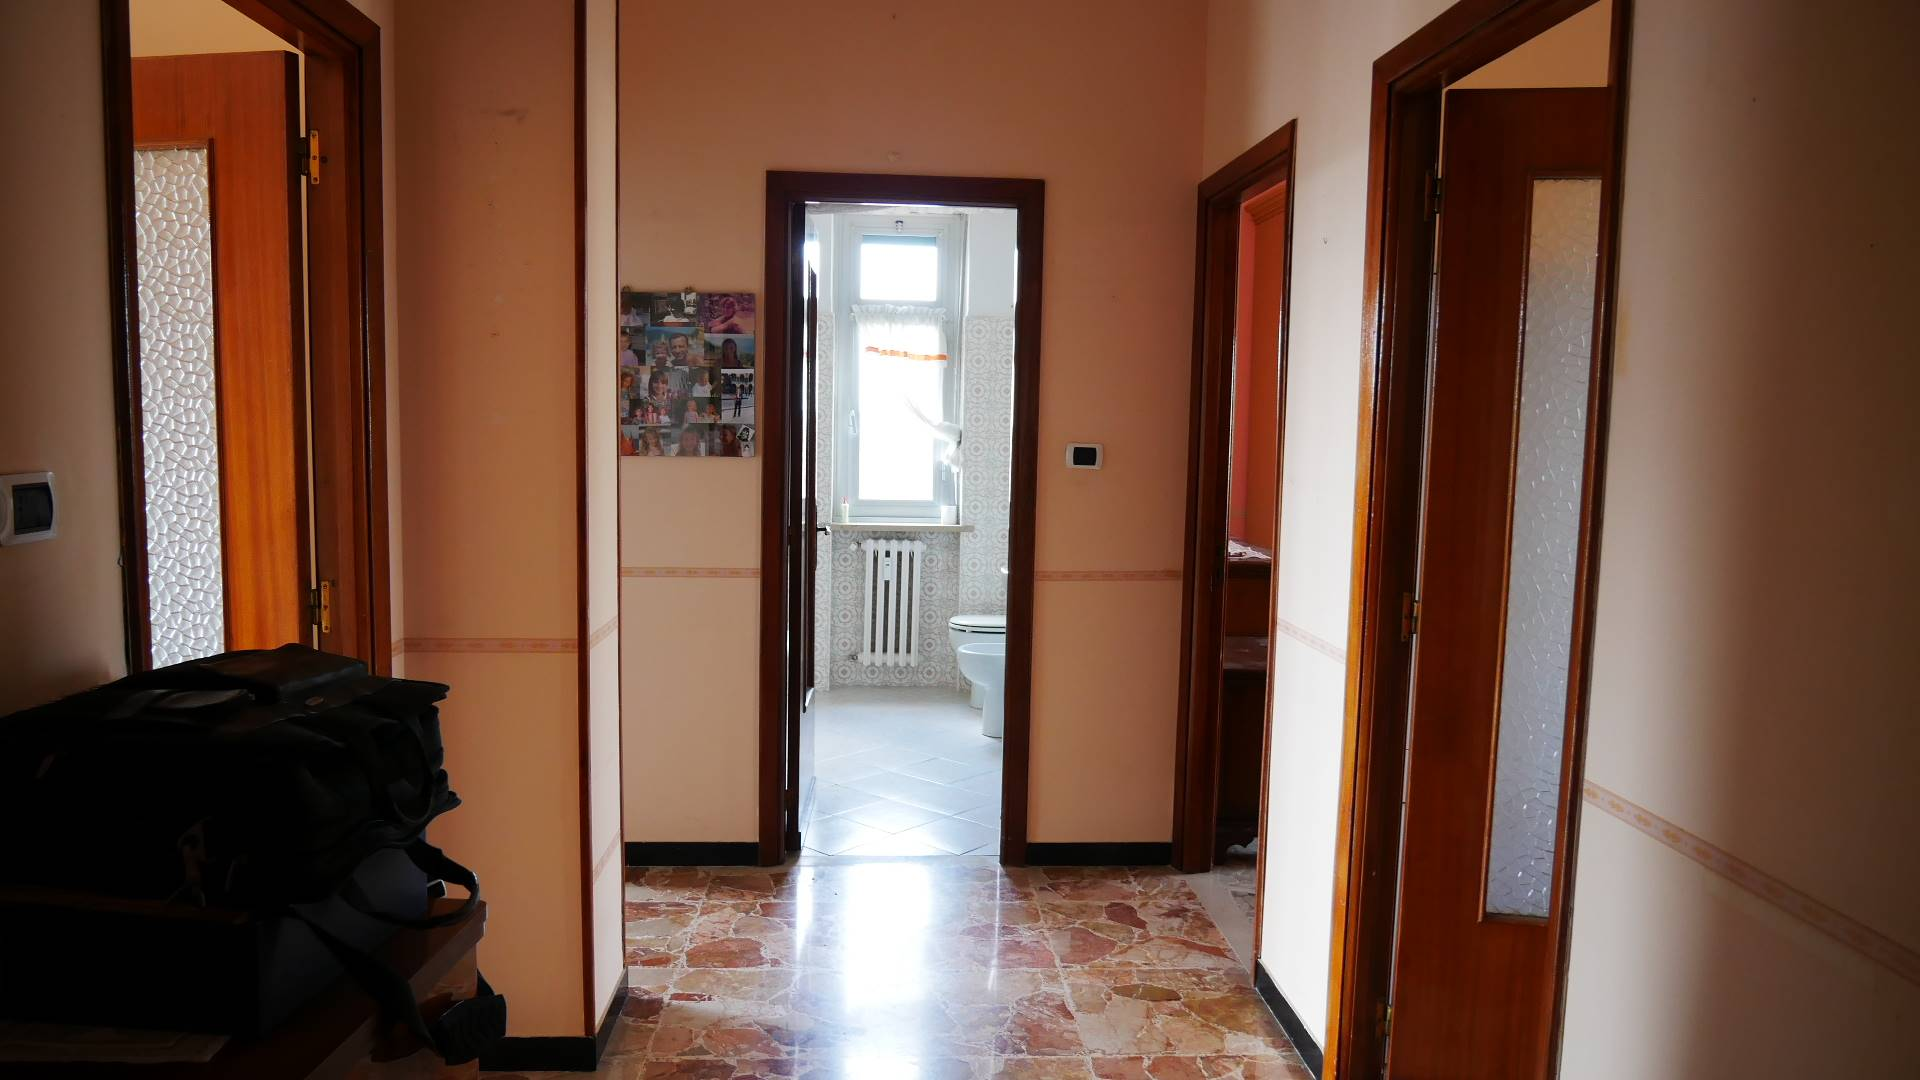 Appartamento in vendita a Novi Ligure, 4 locali, zona Località: STAZIONE CENTRO URBANO, prezzo € 60.000 | PortaleAgenzieImmobiliari.it